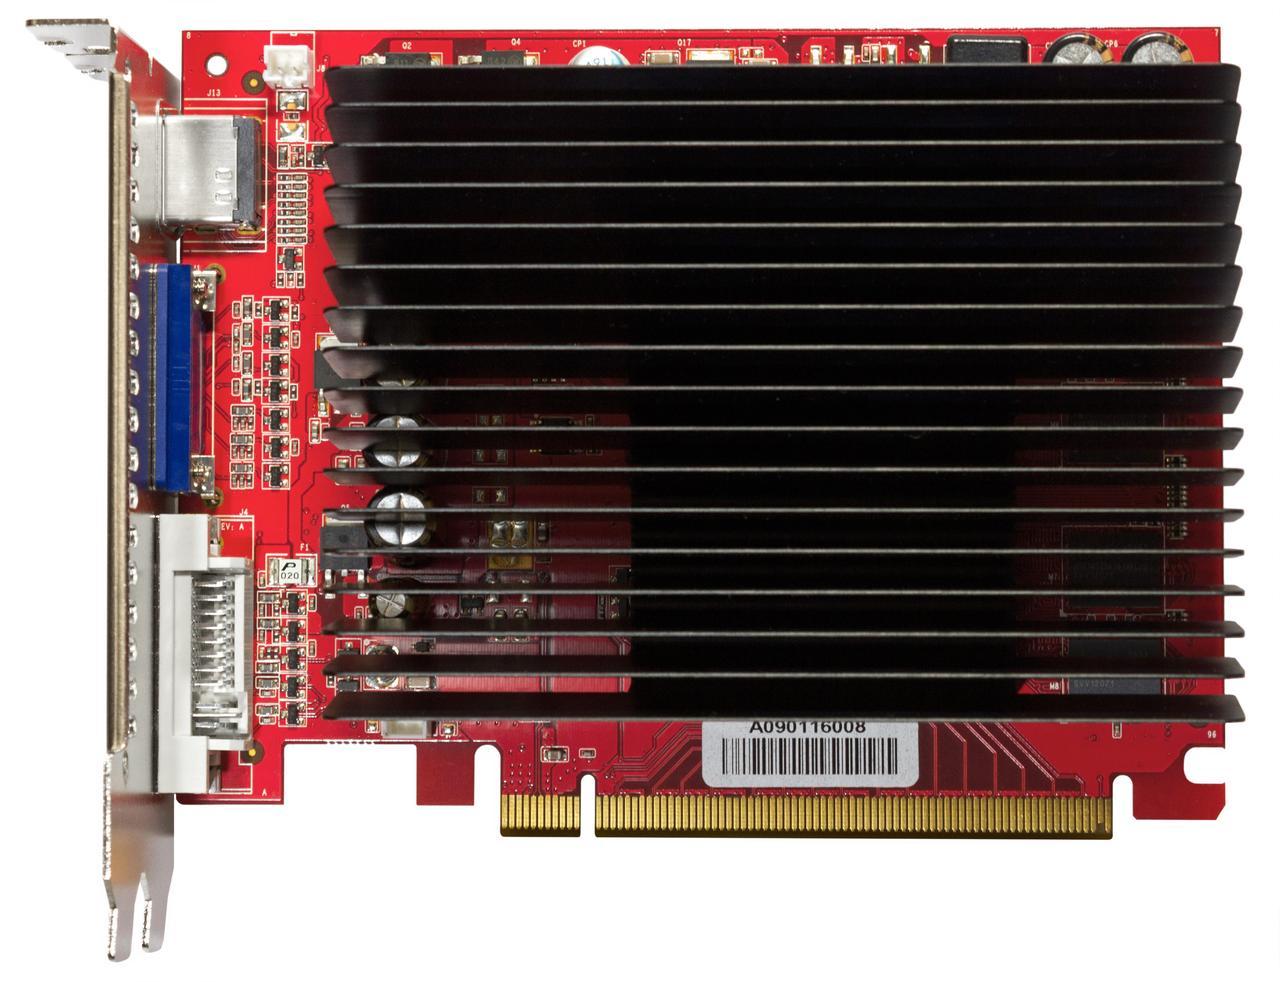 ВИДЕОКАРТА Pci-E Nvidia GEFORCE c HDMI : GT430 на 1 GB DDR3 с ГАРАНТИЕЙ ( видеоадаптер GT 430 1gb  )